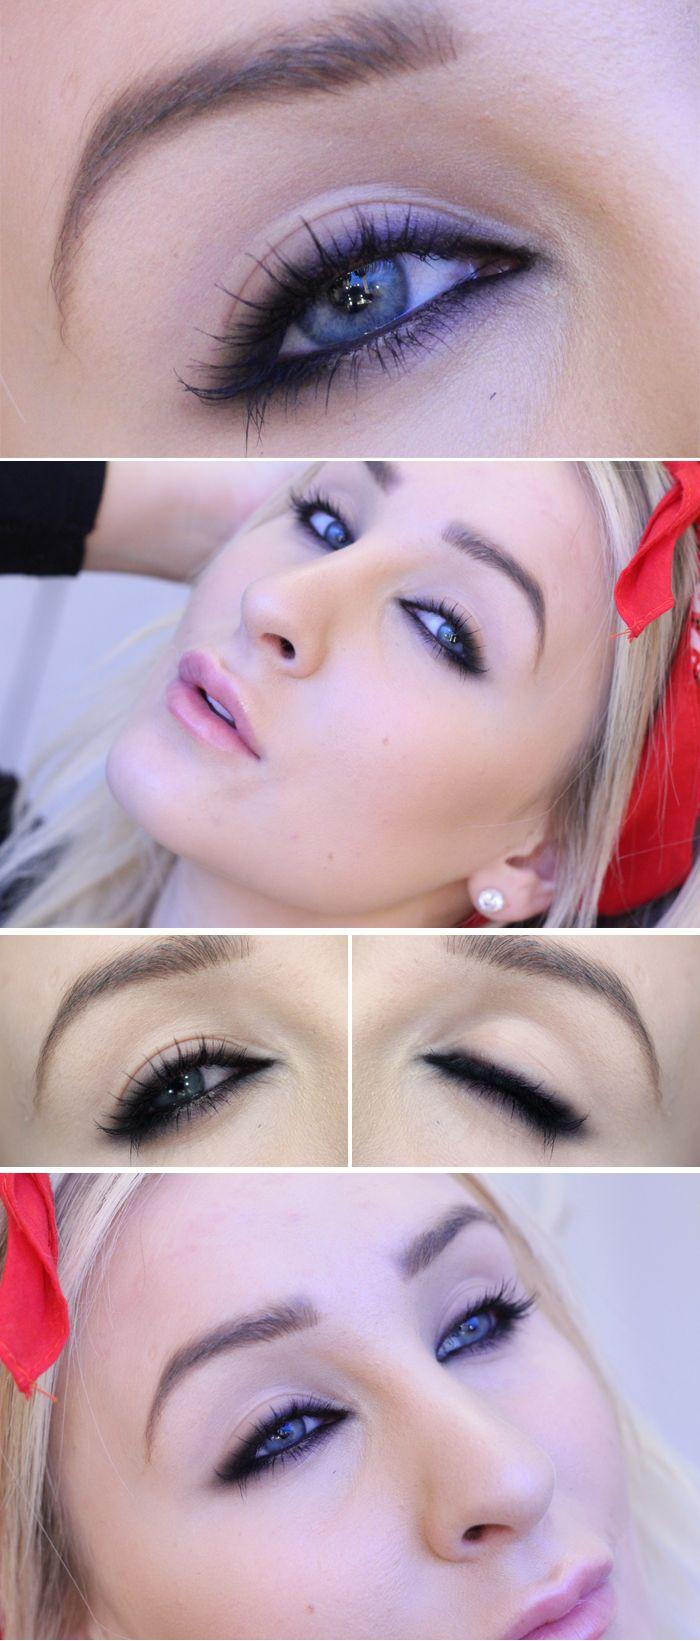 Dagens makeup – Vardagssotning | Helen Torsgården - Hiilens sminkblogg | Veckorevyn